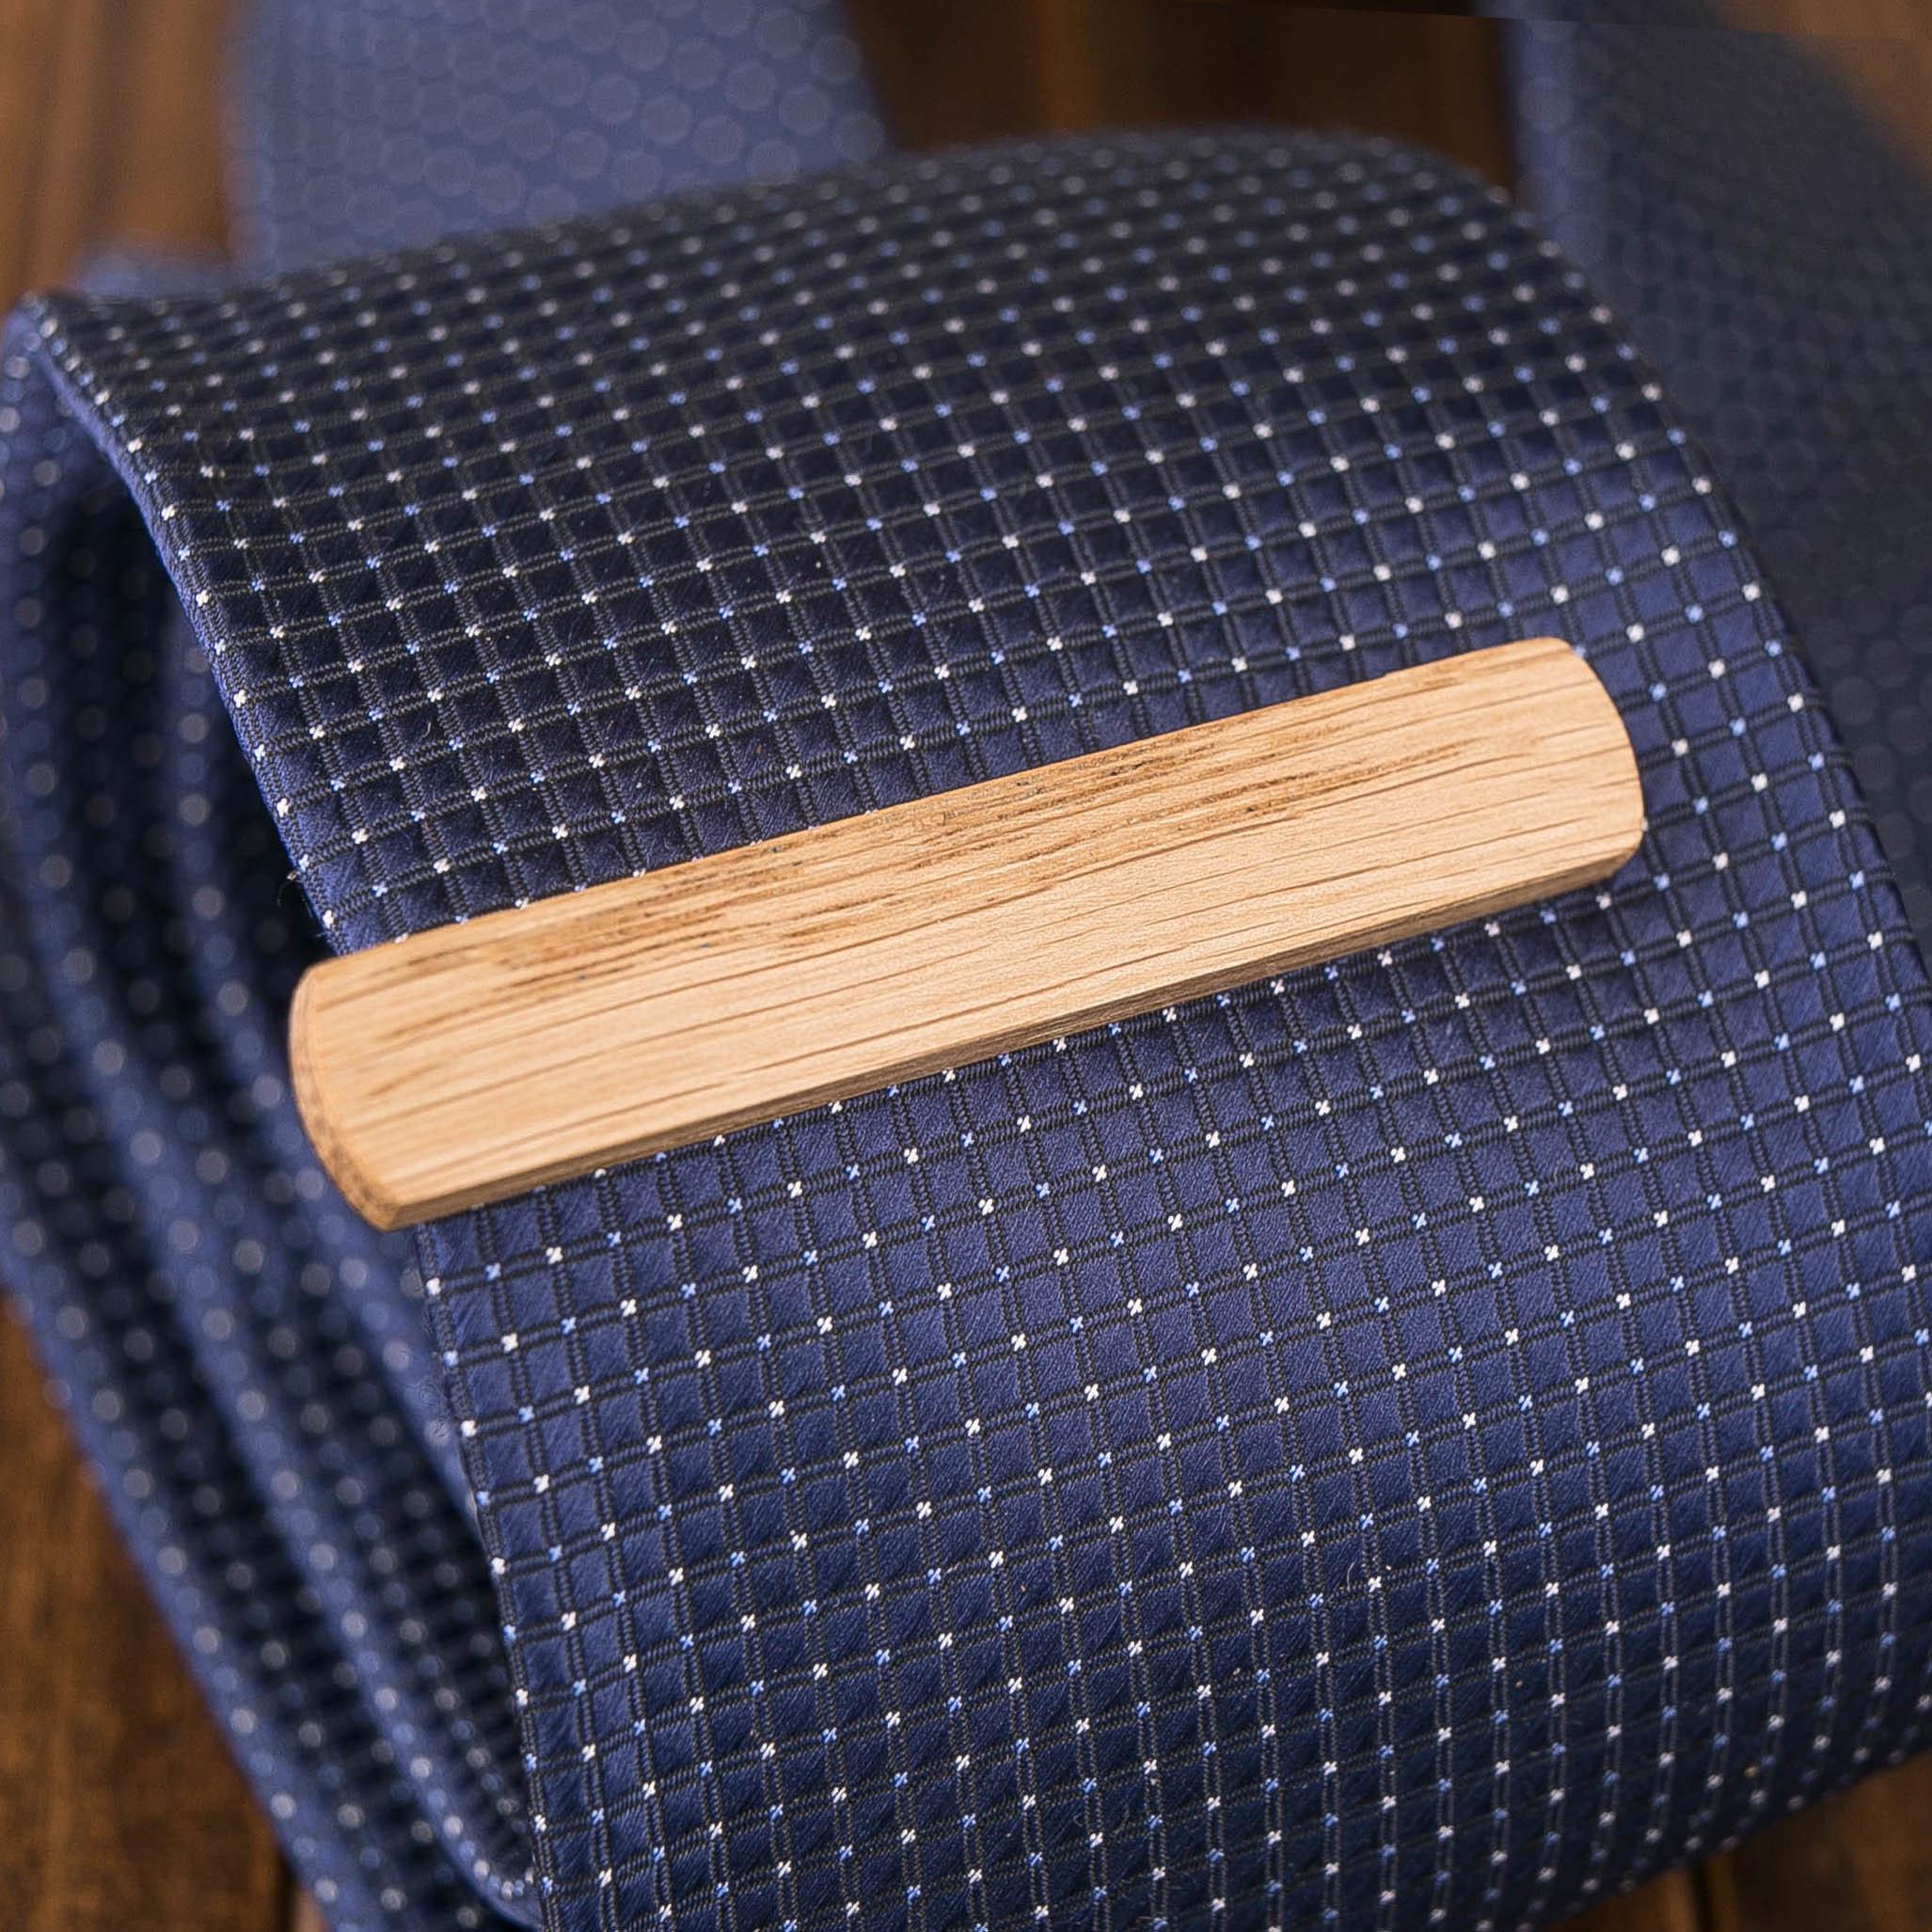 Деревянный зажим для галстука из натурального дуба. Гравировка имени или инициалов. Планка для галстука. Подарок для друзей жениха. Подарок на деревянную свадьбу TW-OakTieClip10